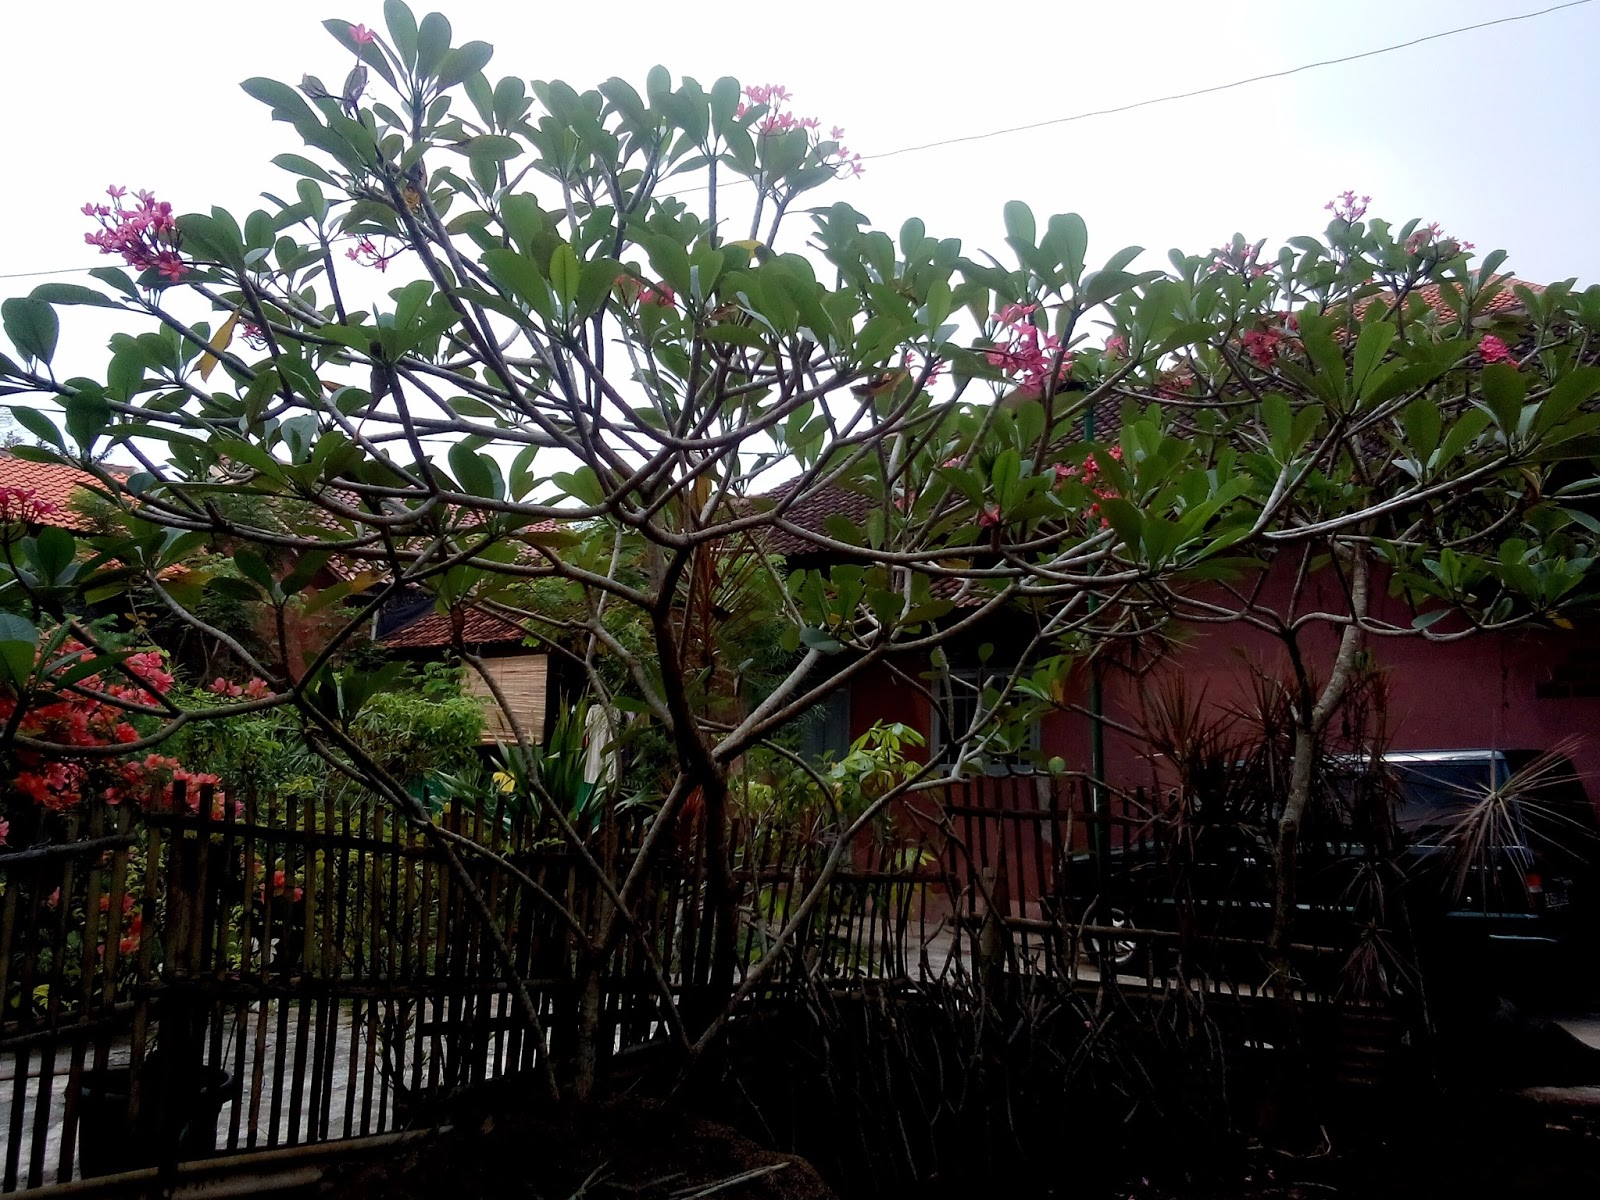 Kamboja Bali Jual Pohon Kamboja Murah Kamboja Bunga